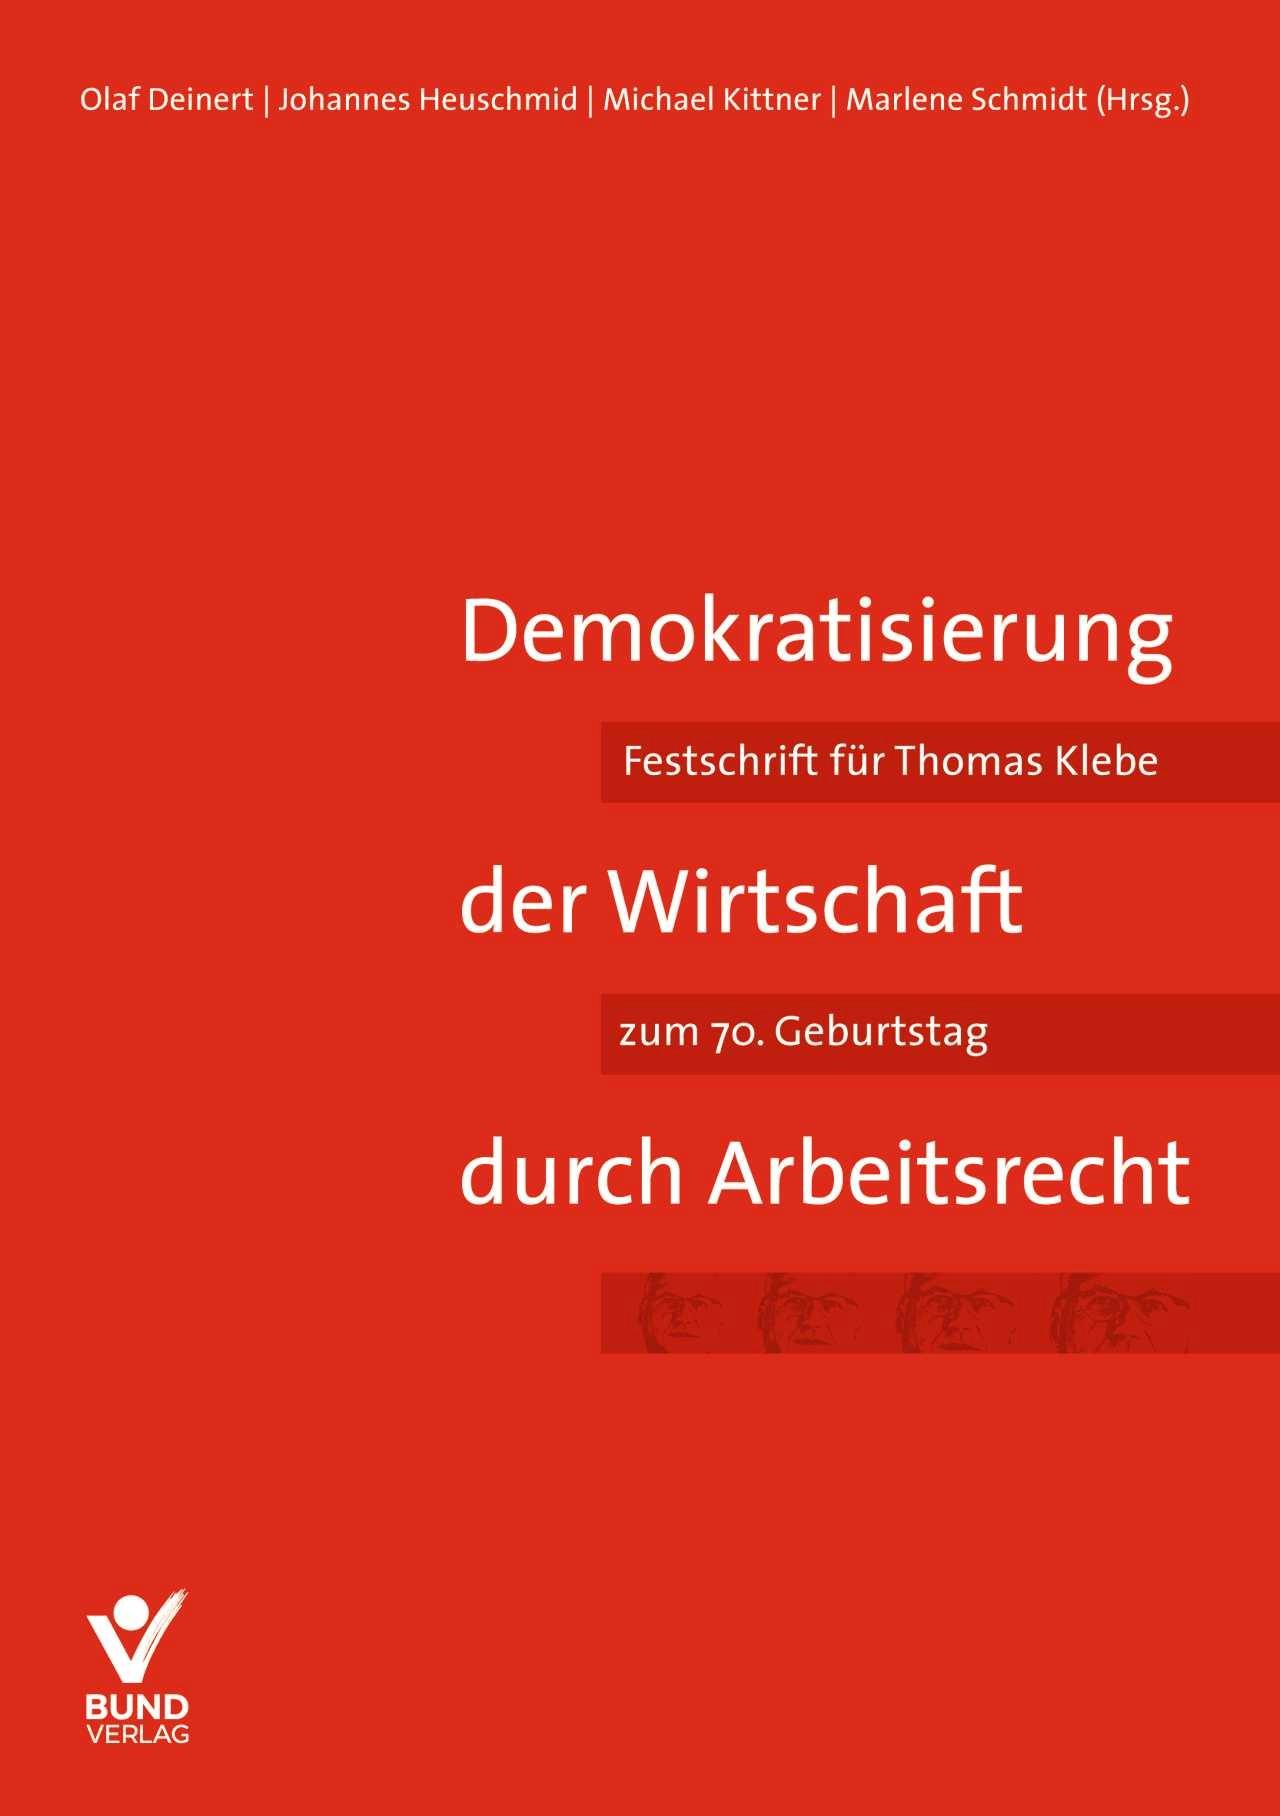 Demokratisierung der Wirtschaft durch Arbeitsrecht | Deinert / Heuschmid / Kittner / Schmidt (Hrsg.), 2018 | Buch (Cover)